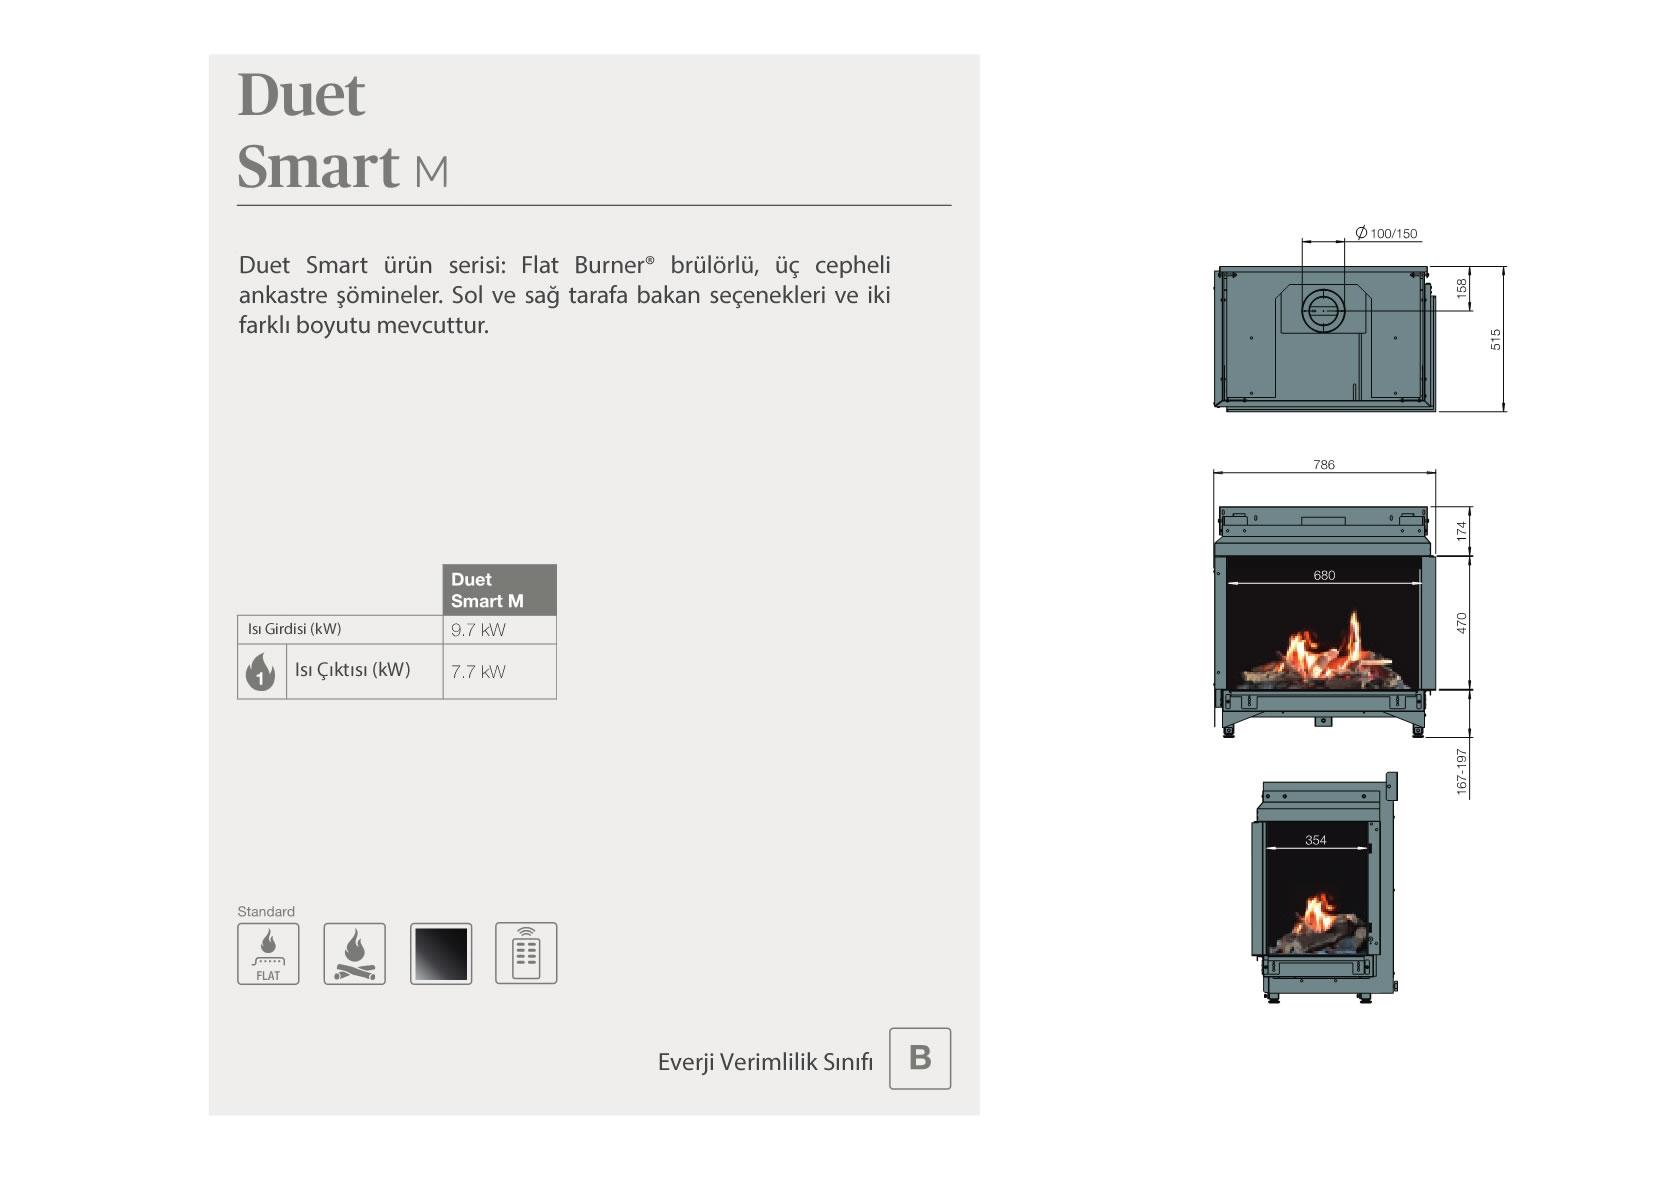 Faber Doğalgazlı Şömineler - Duet Smart M